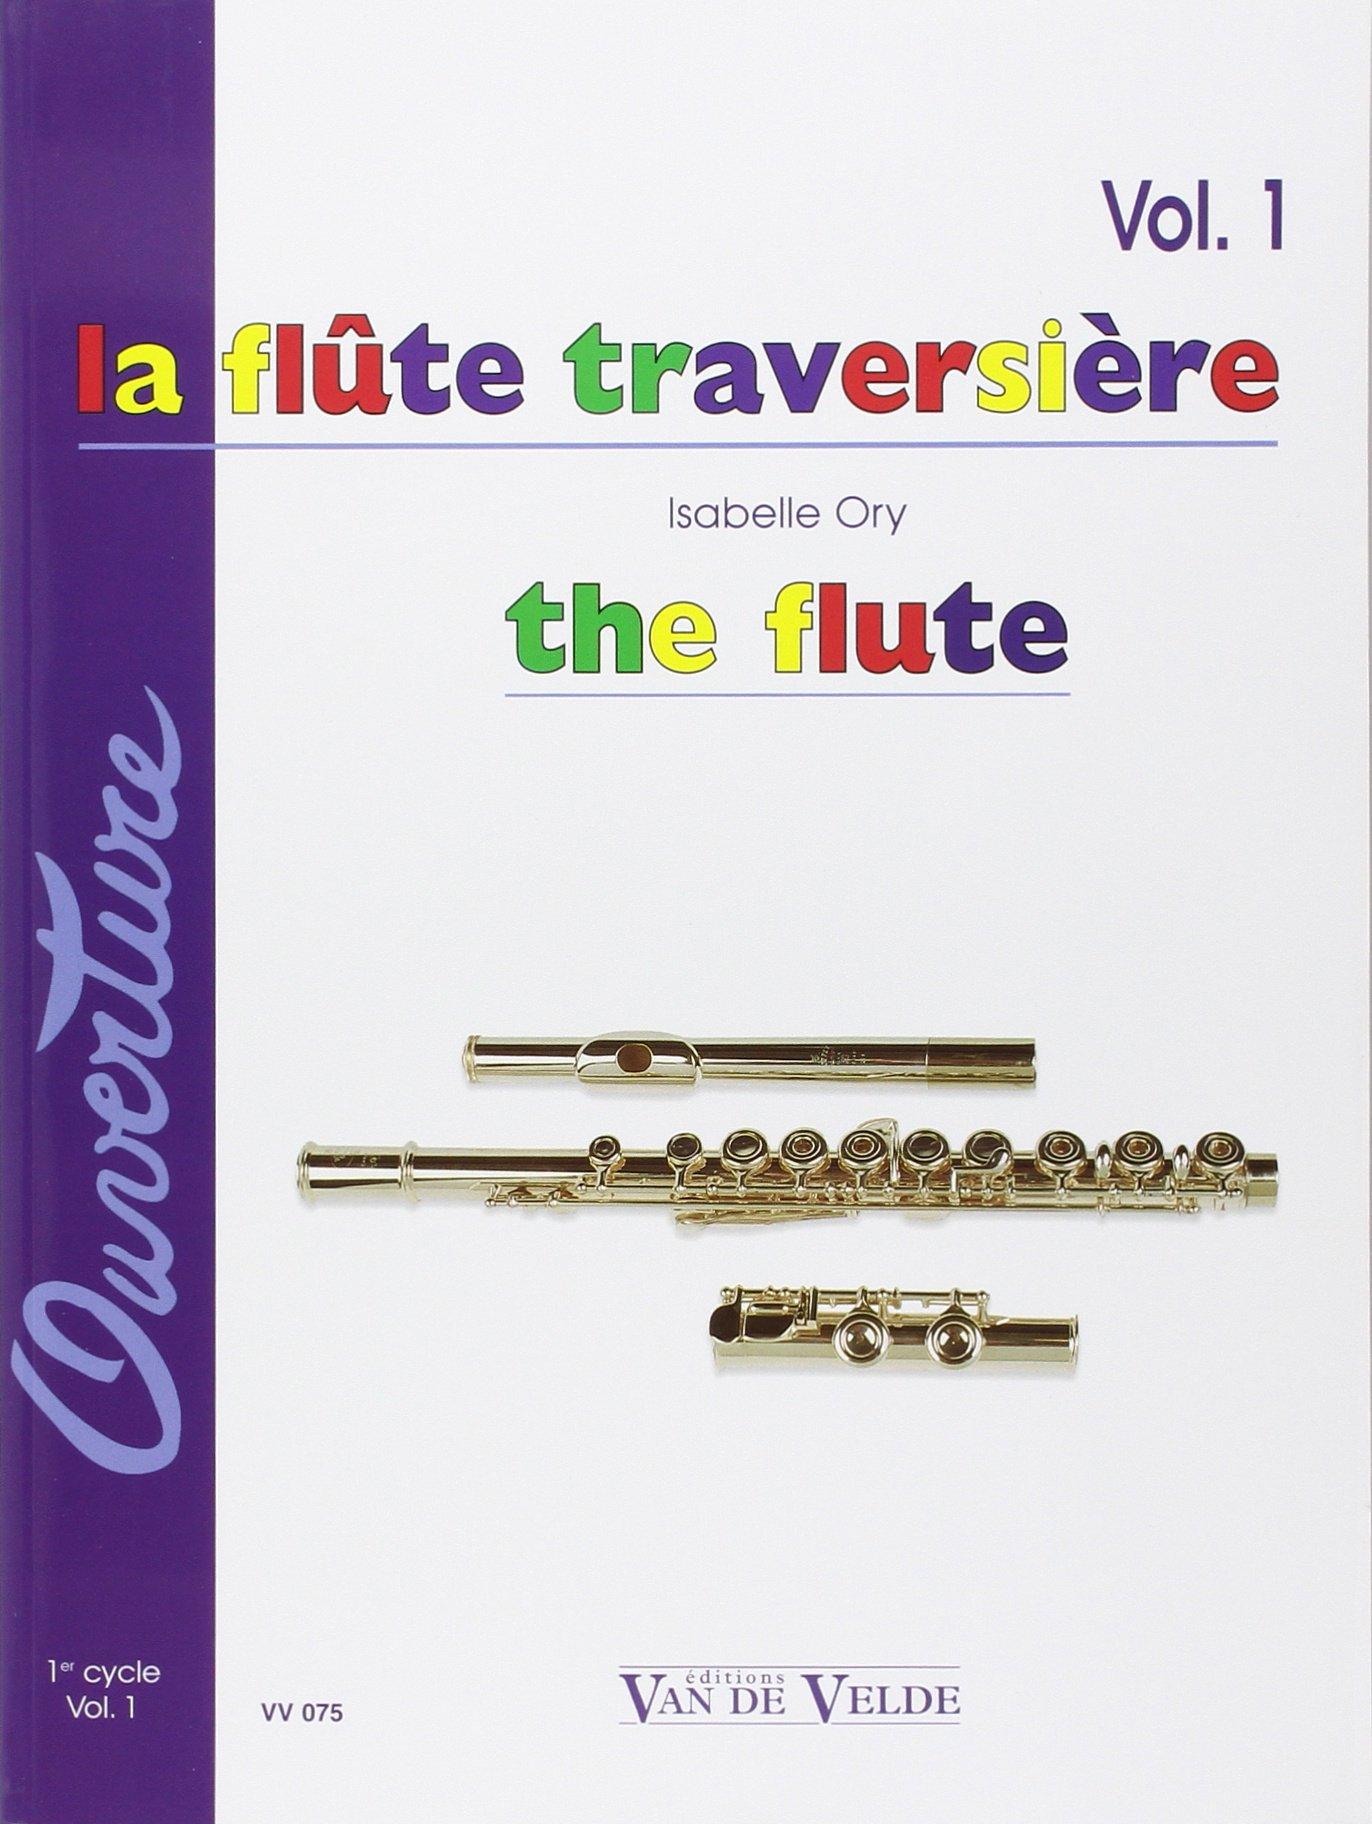 Flûte traversière (La) Volume 1 Partition – 1 juin 1981 Isabelle Ory Van de Velde B0000DCXL2 Musique